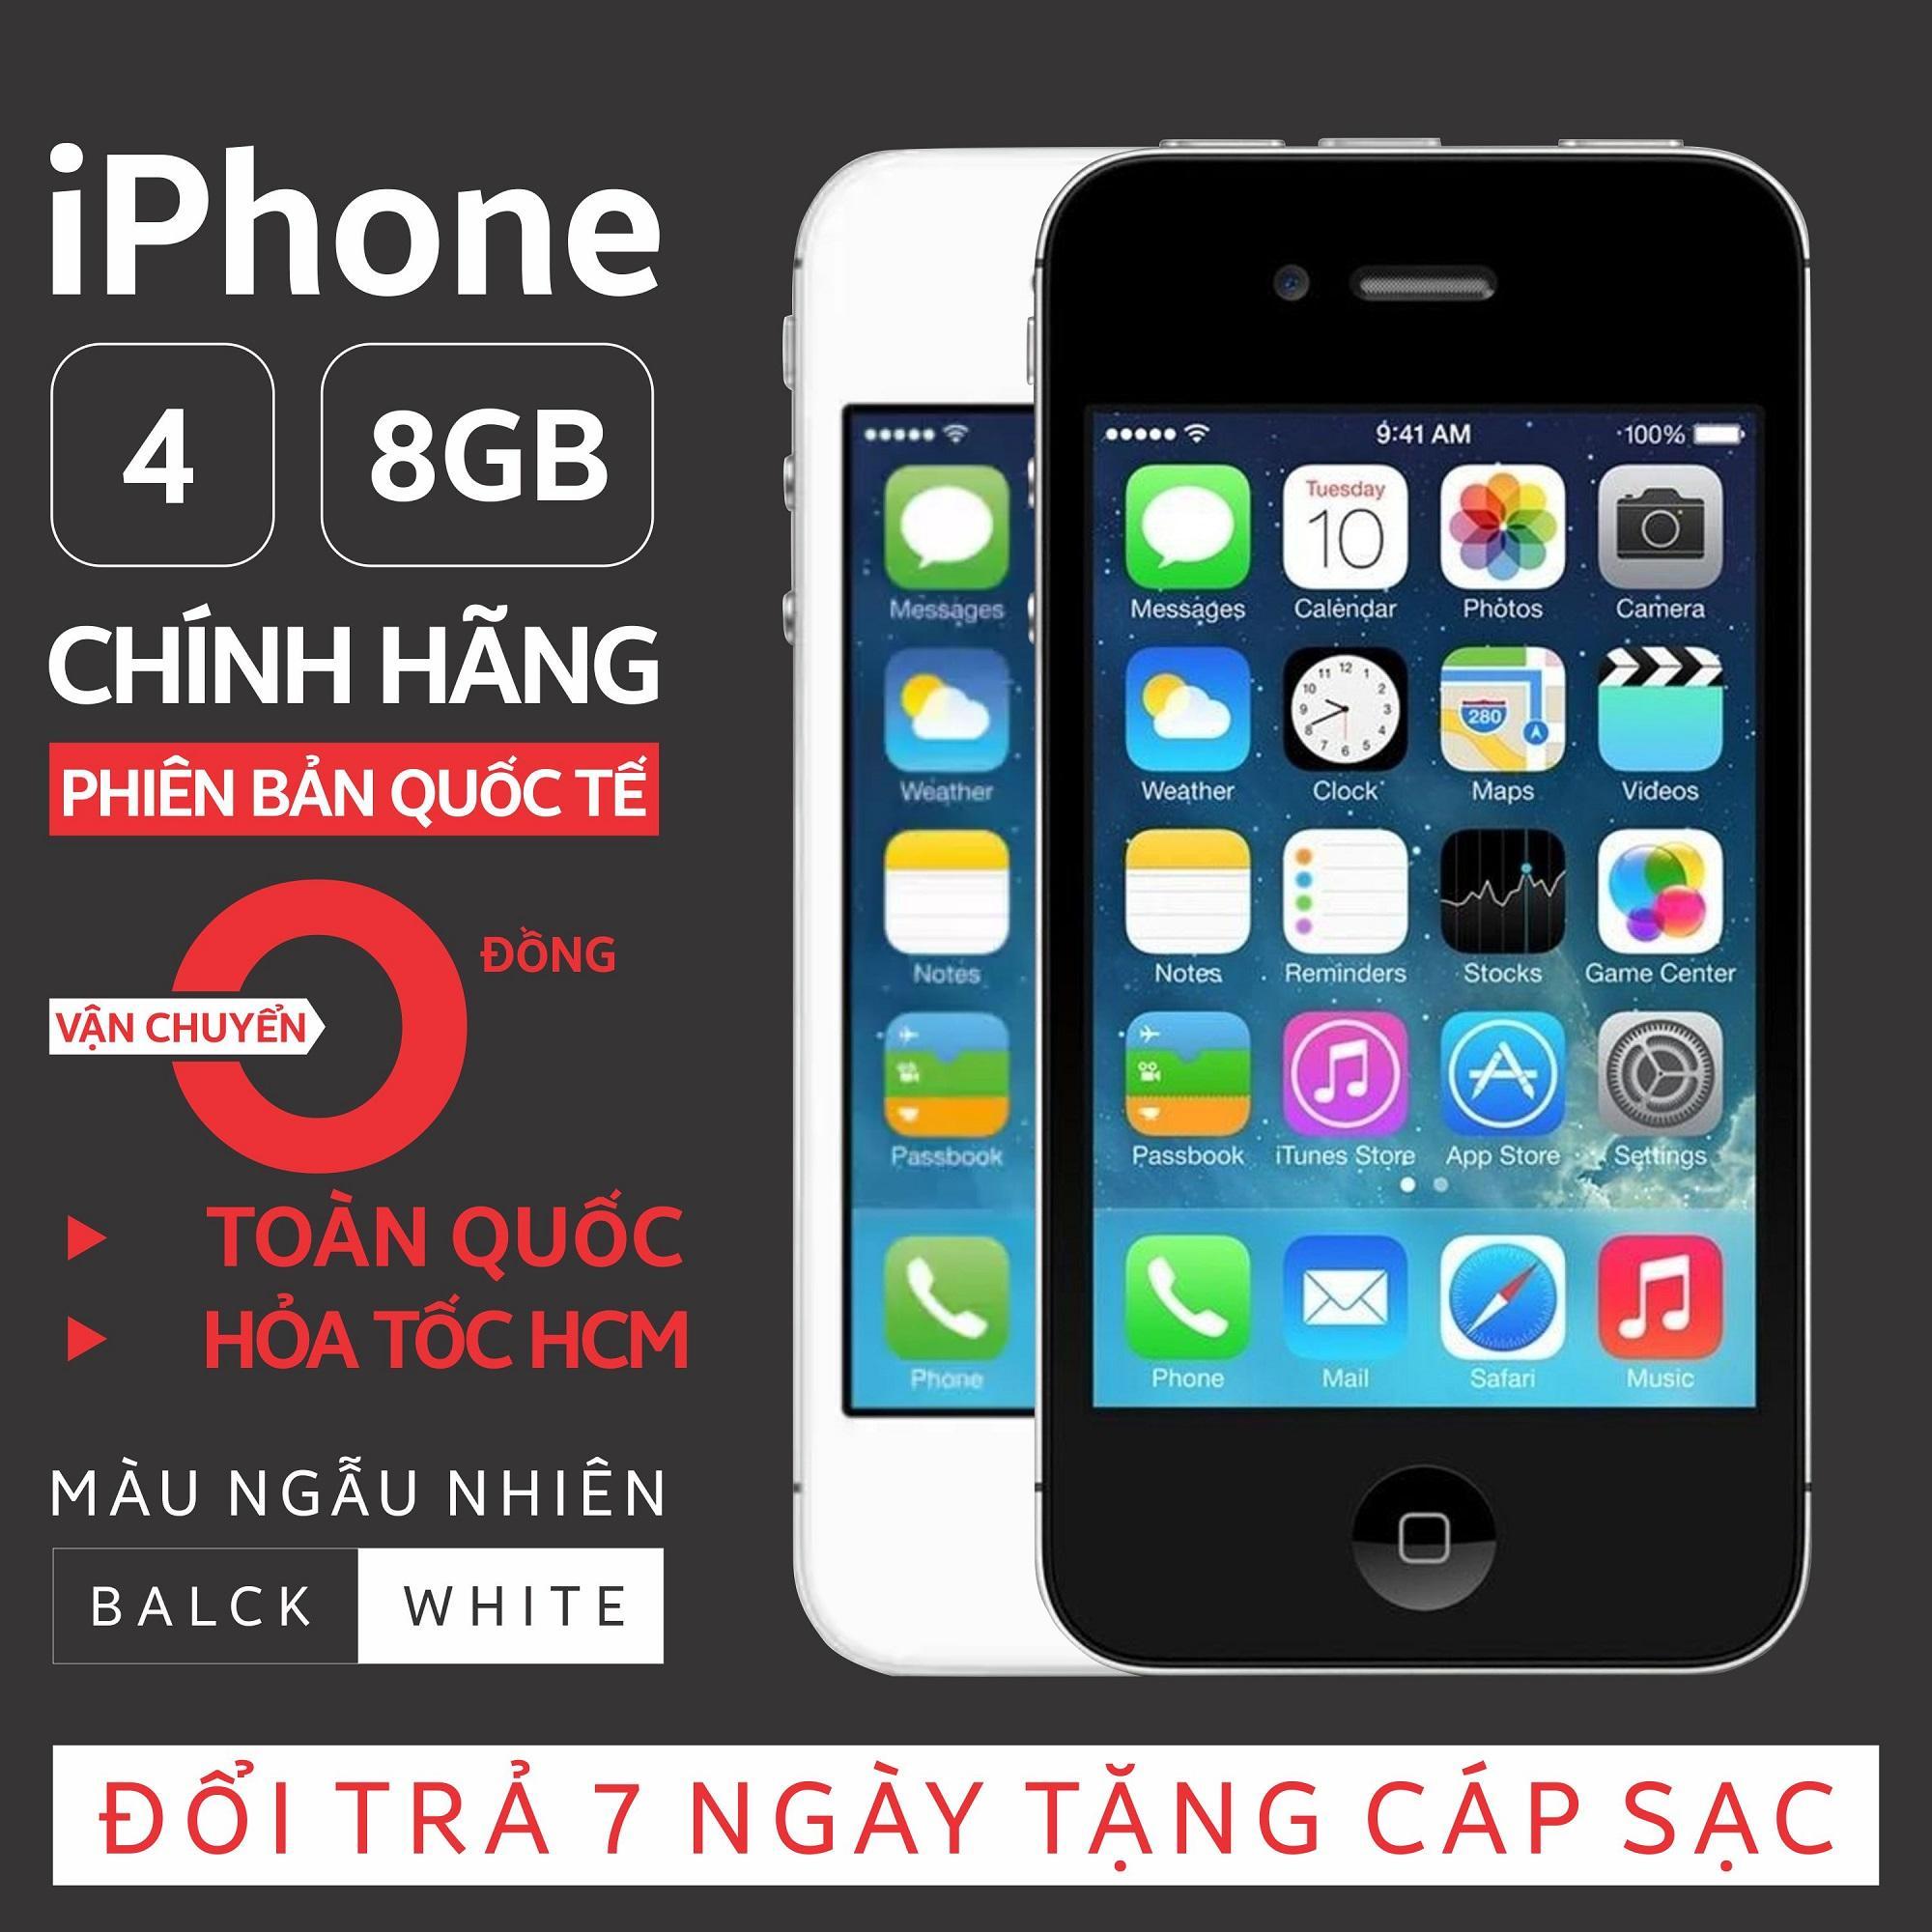 Điện thoại IPHON4 - 8GB giá rẻ - Phiên bản quốc tế - Everything store - Bao đổi trả (Màu ngẫu nhiên trắng/đen) - Tặng cáp sạc